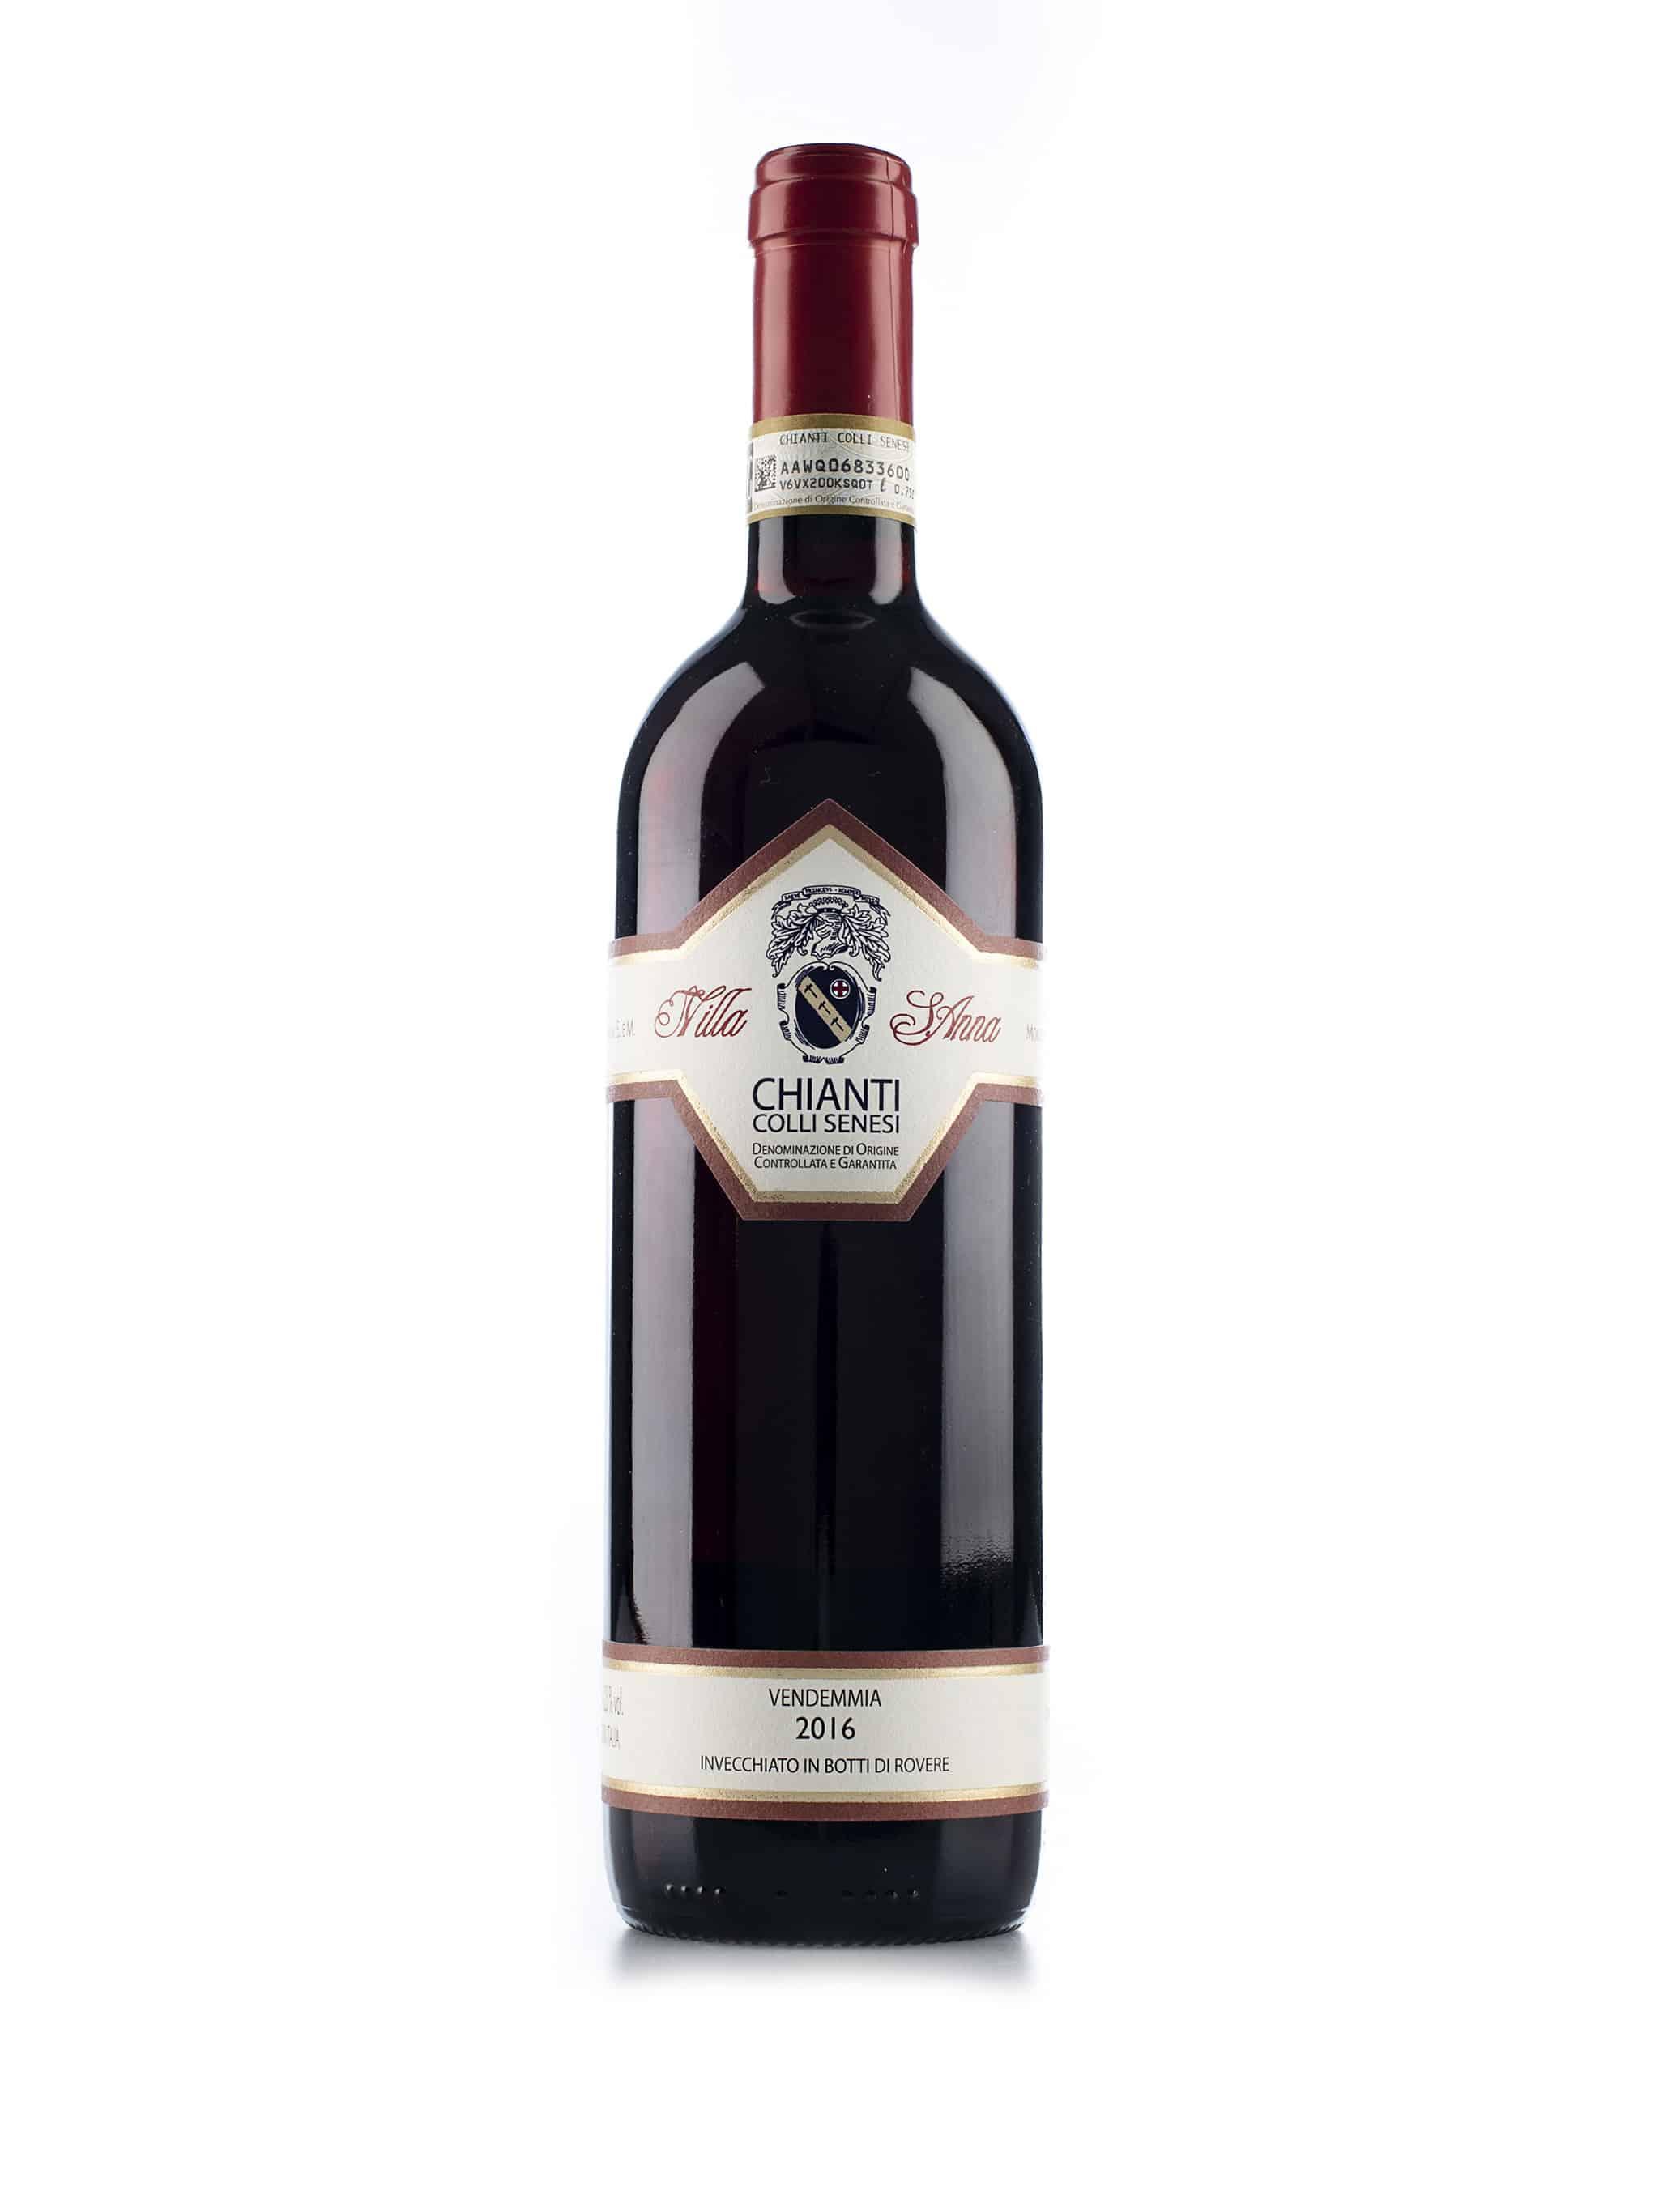 Italiaanse rode wijn van wijndomein Villa Sant'Anna: Chianti Colli Senesi